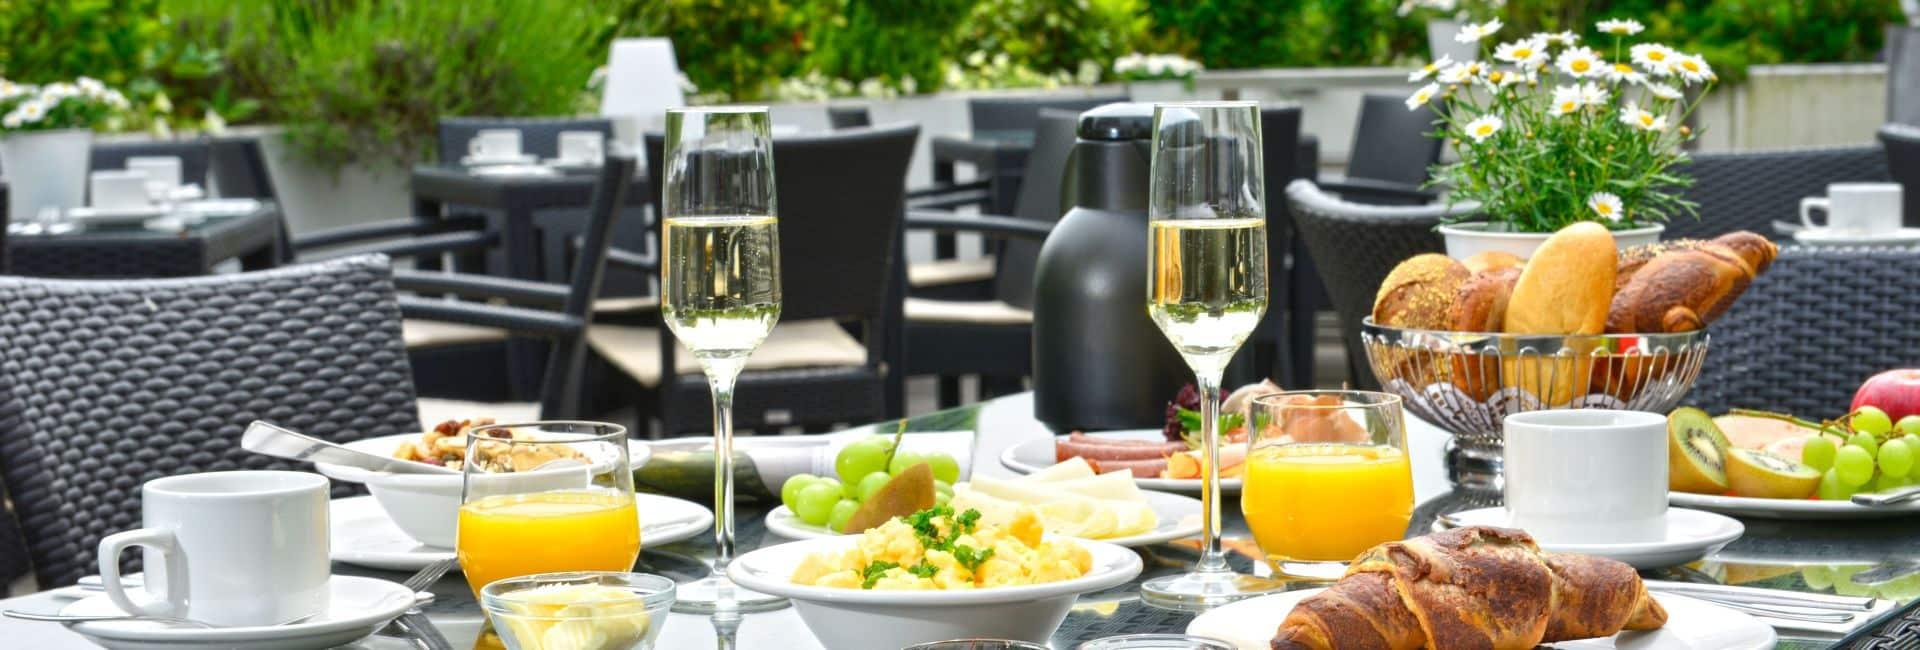 Tisch Frühstück Terrasse